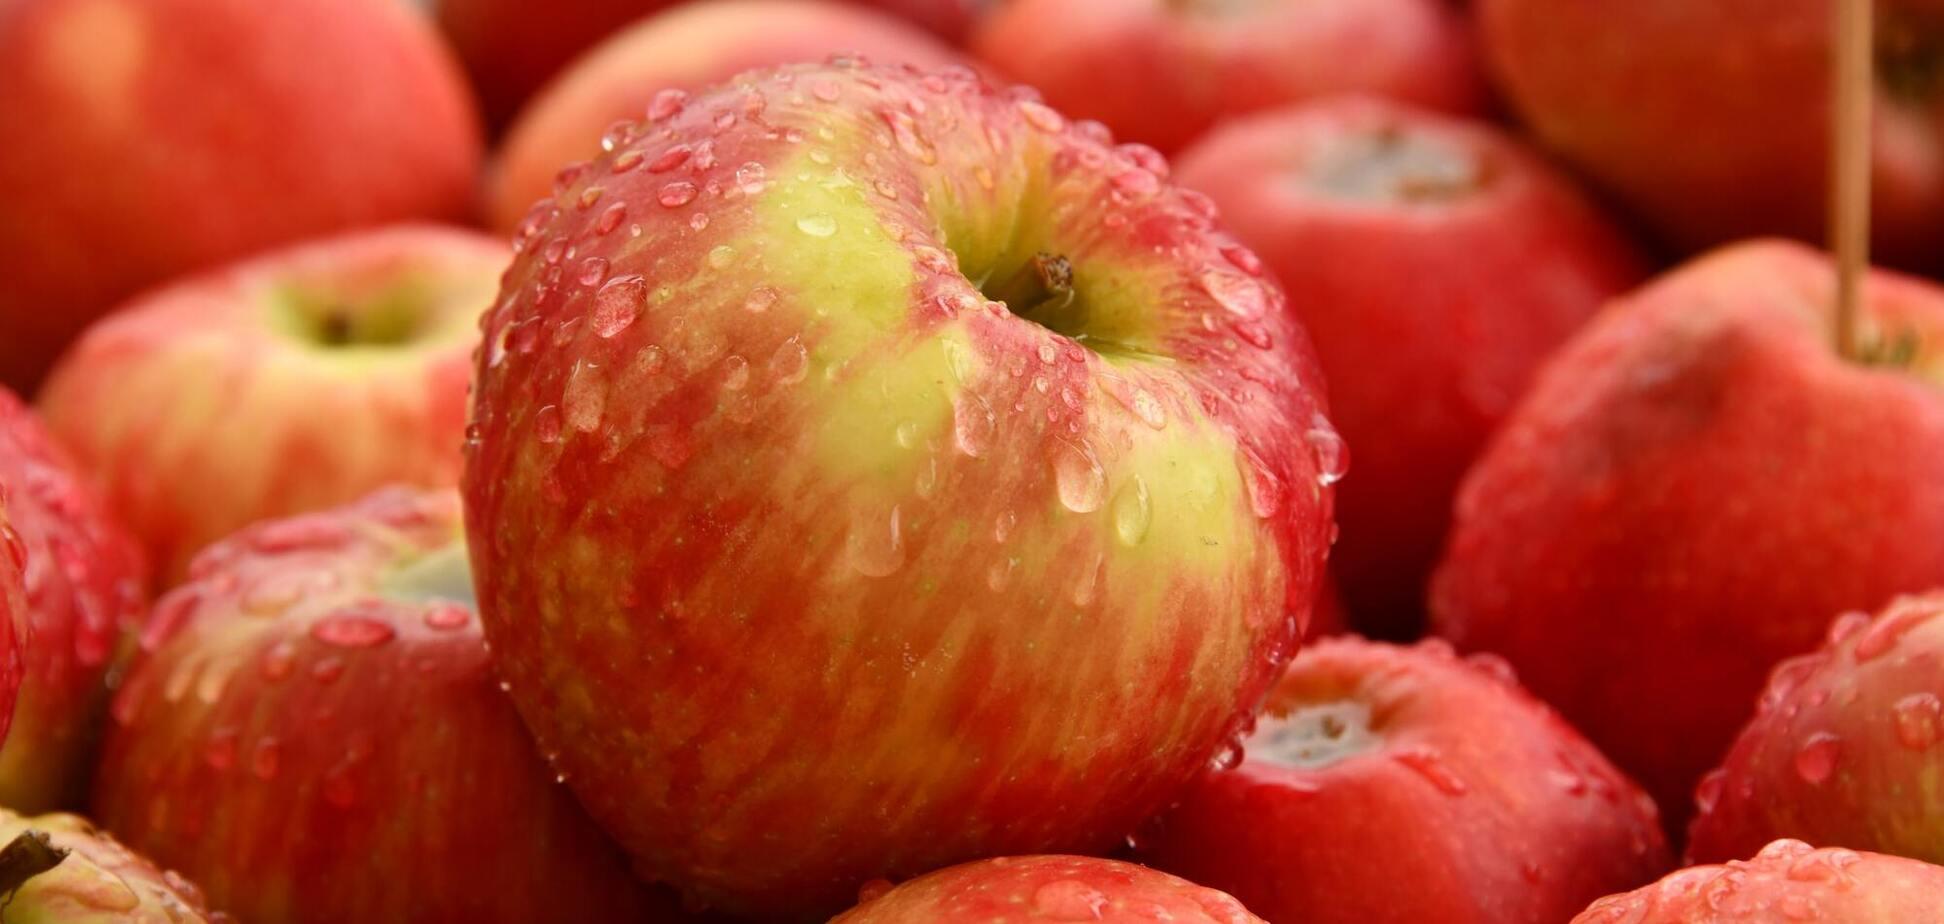 Яблоки считаются символом хорошего здоровья